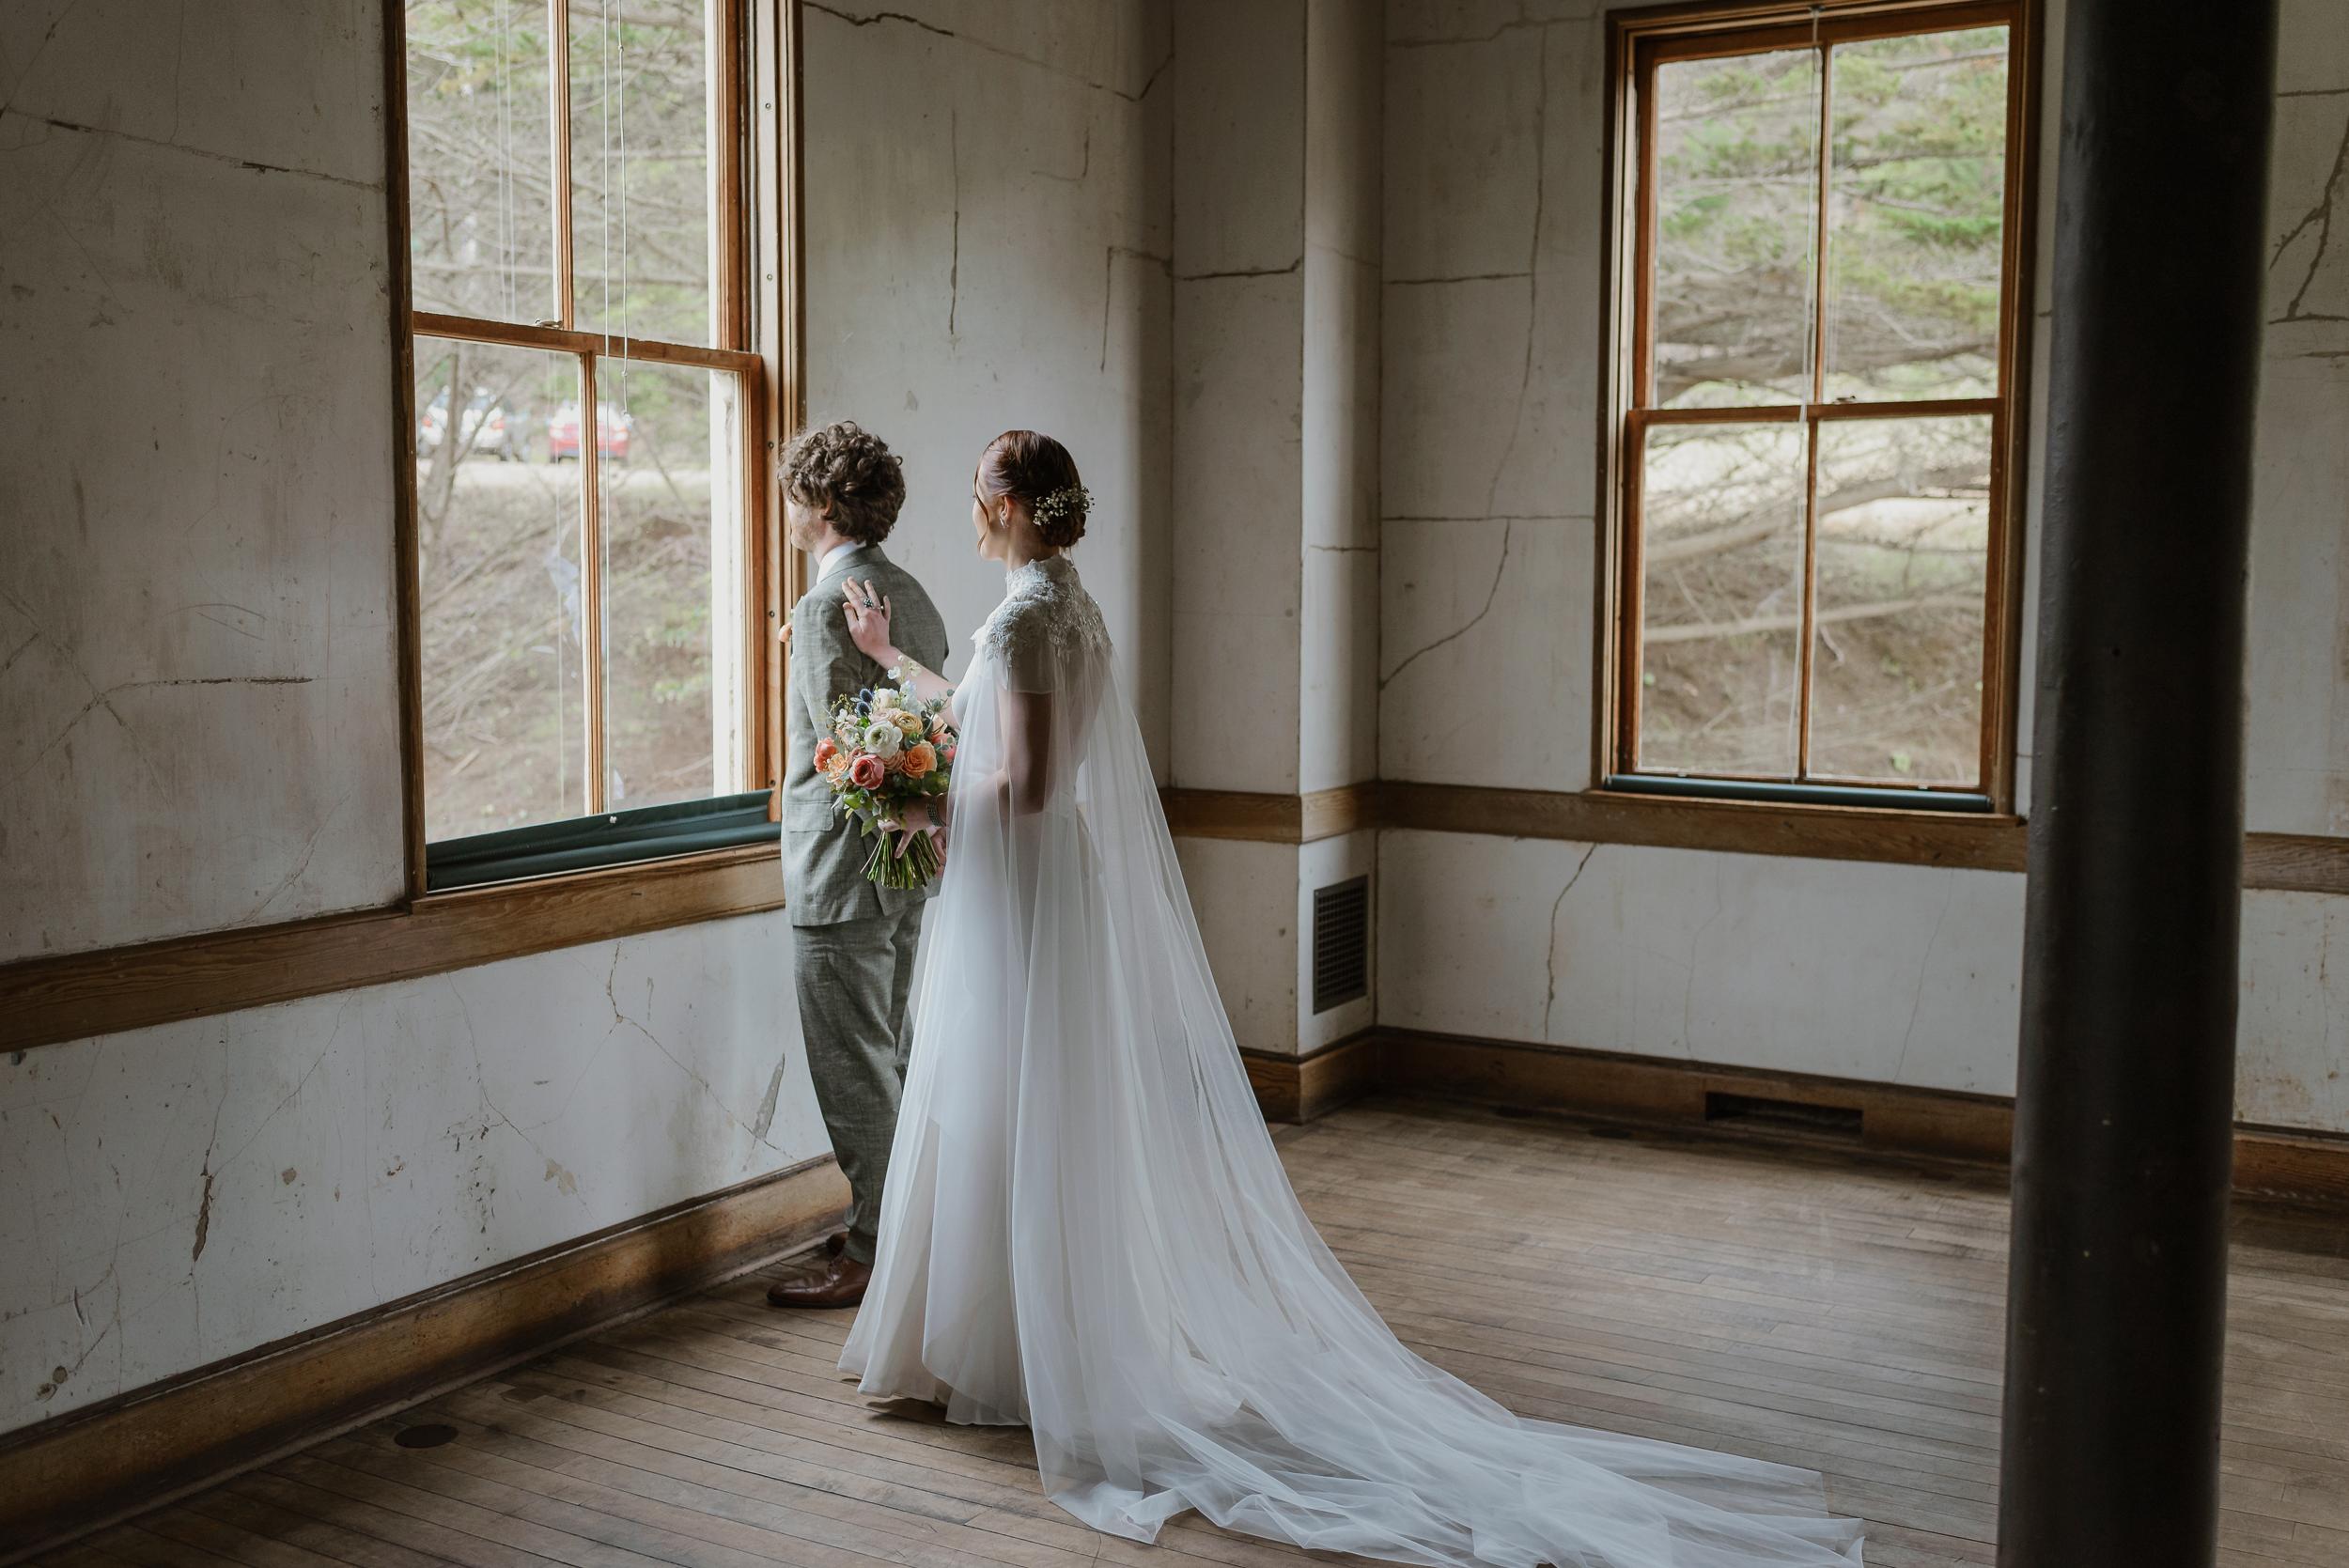 022-san-francisco-headlands-center-for-the-arts-wedding-vivianchen-097.jpg